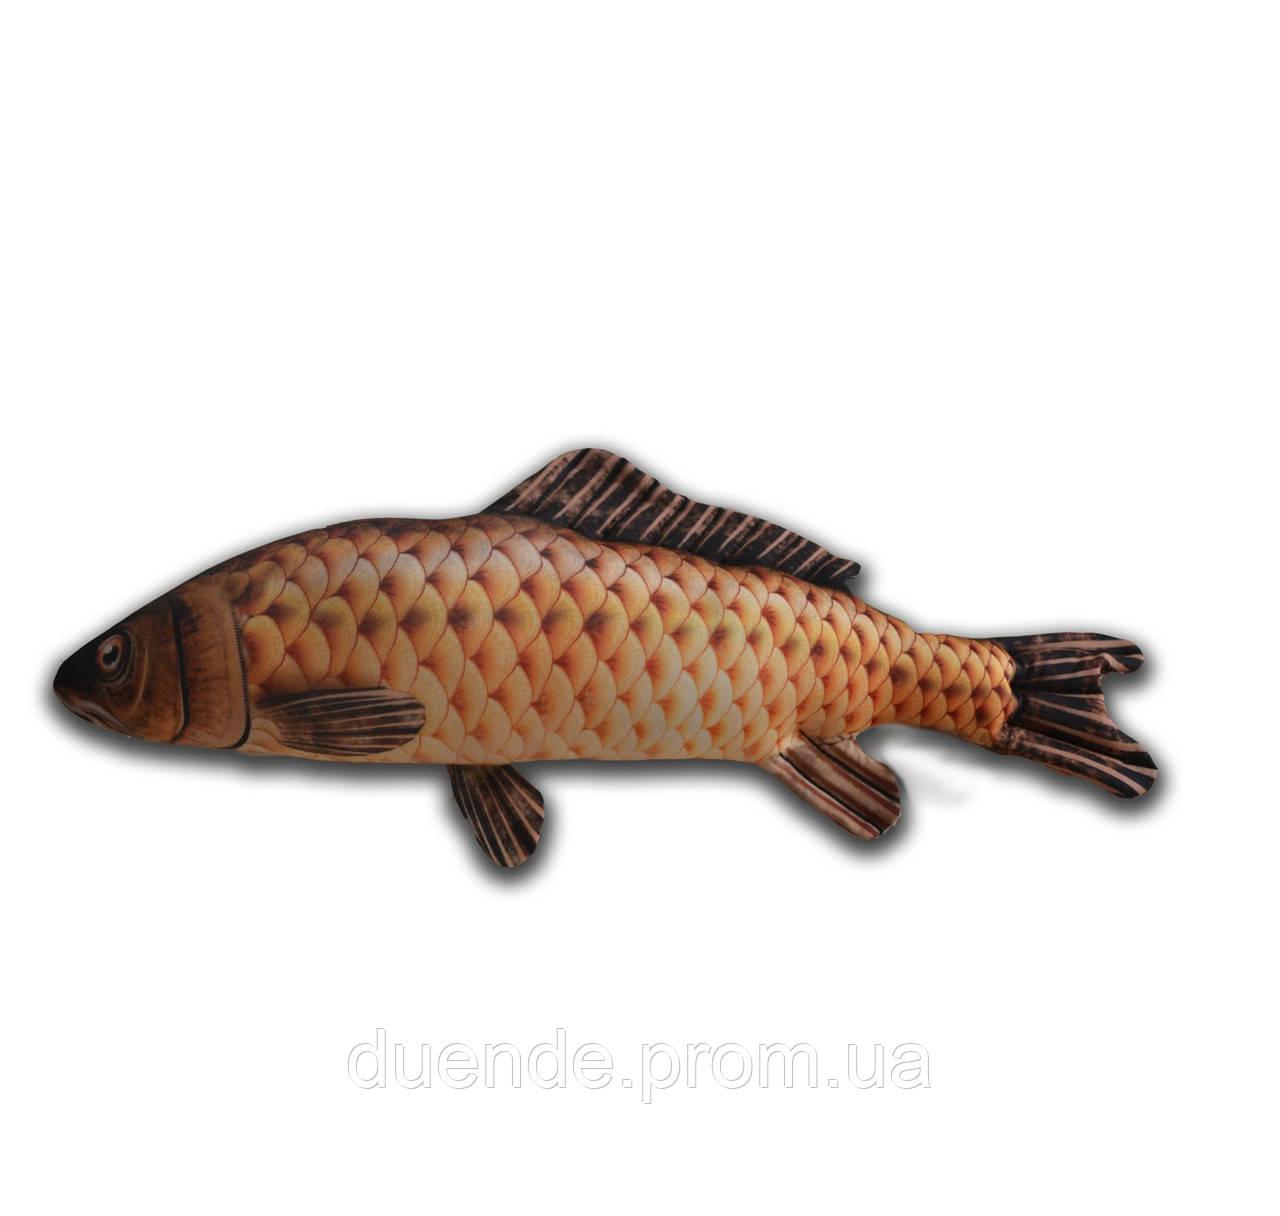 Антистресова іграшка Риба Сазан, полистерольні кульки